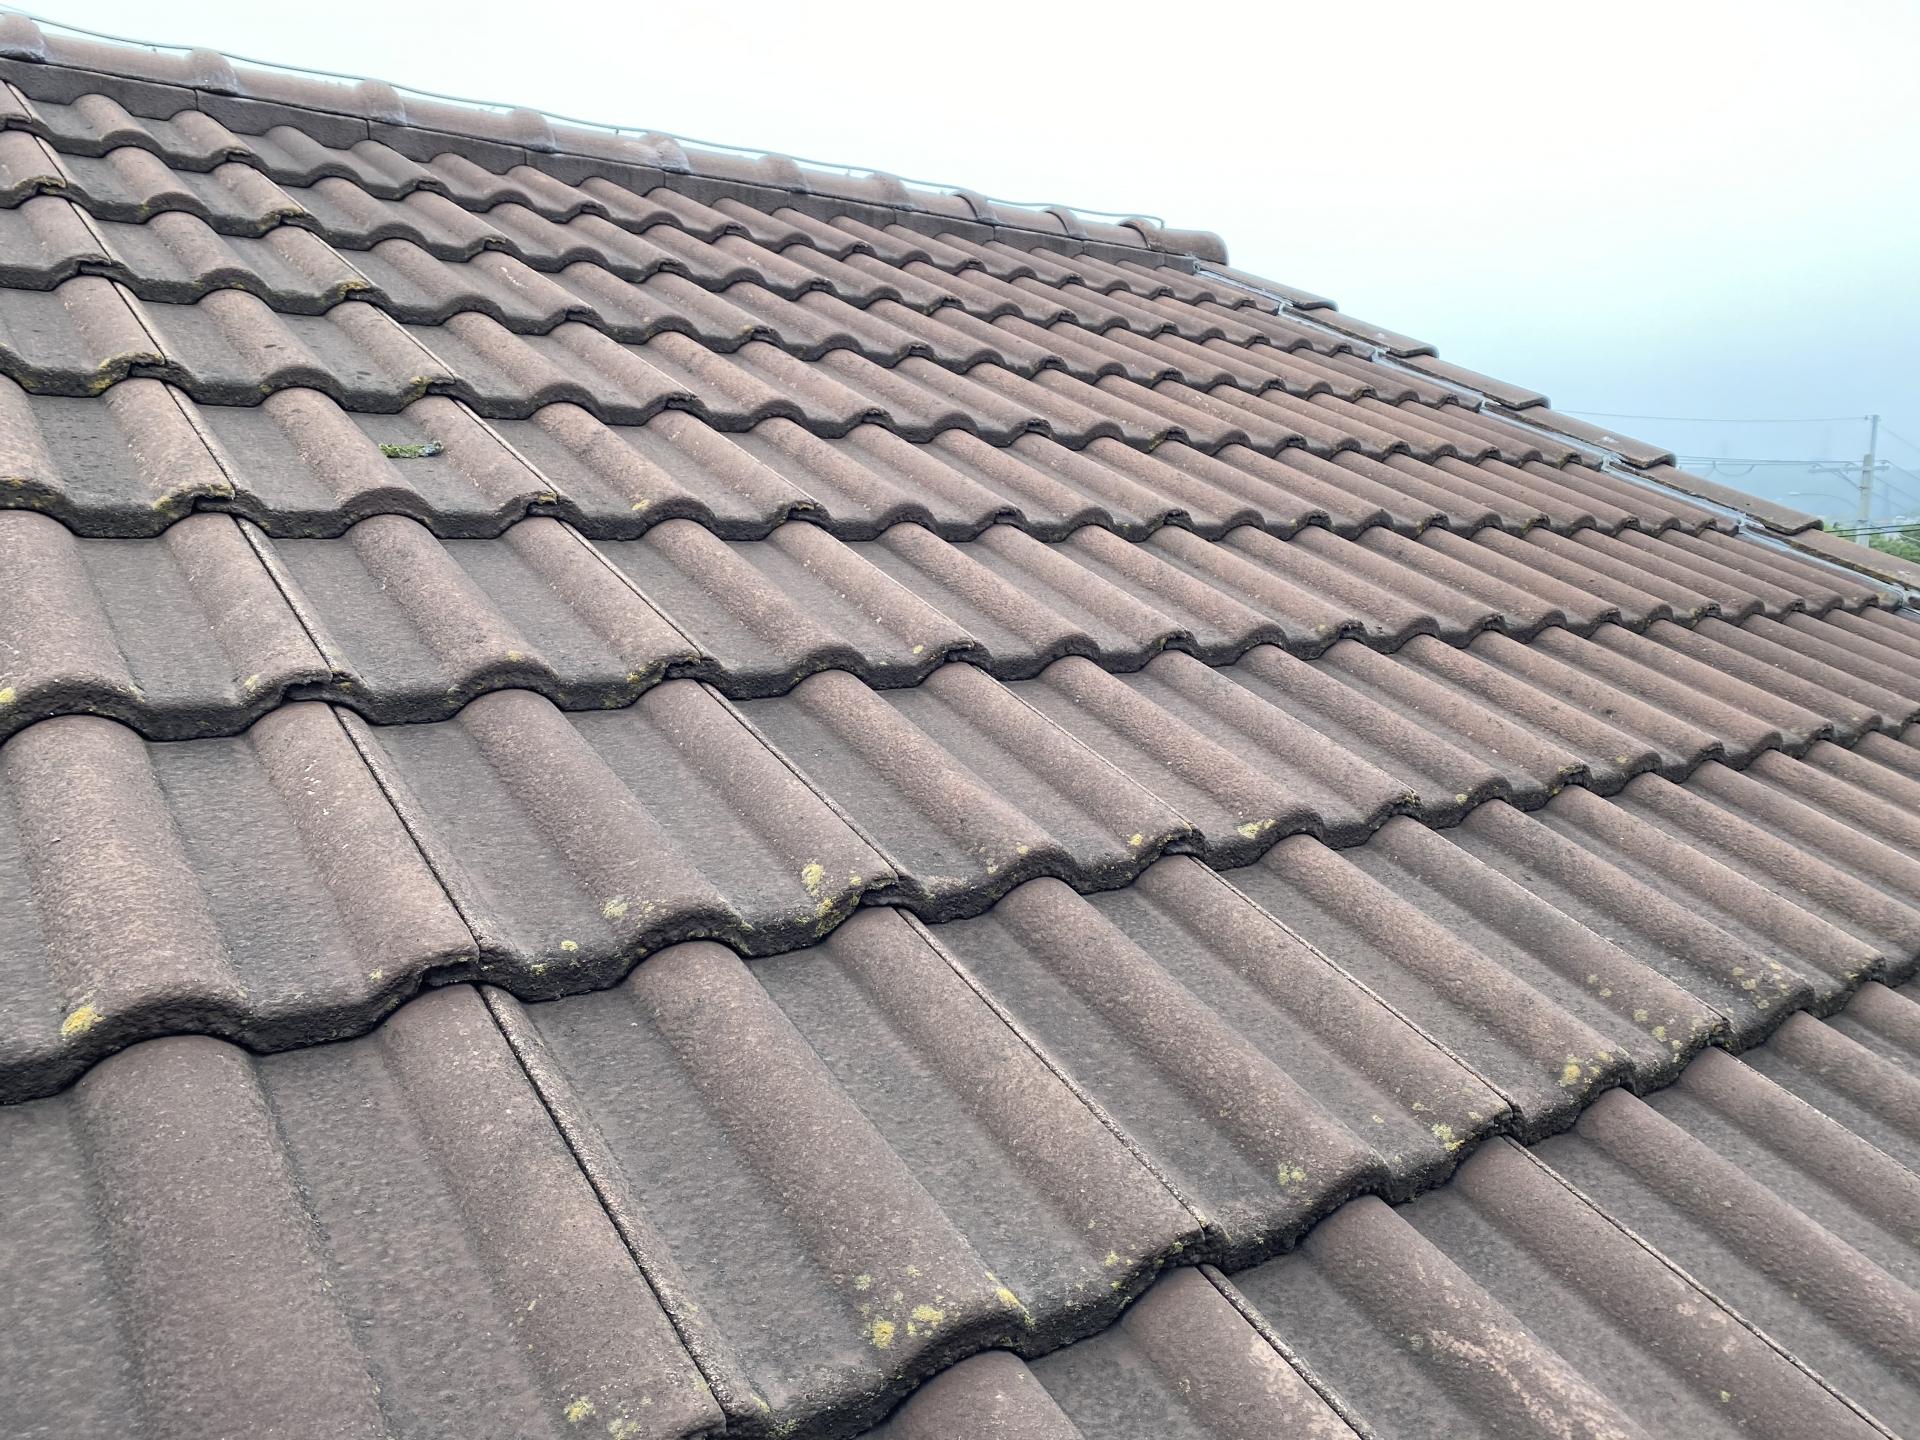 屋根の寿命は?リフォームのタイミングや長寿命な屋根材が知りたい!